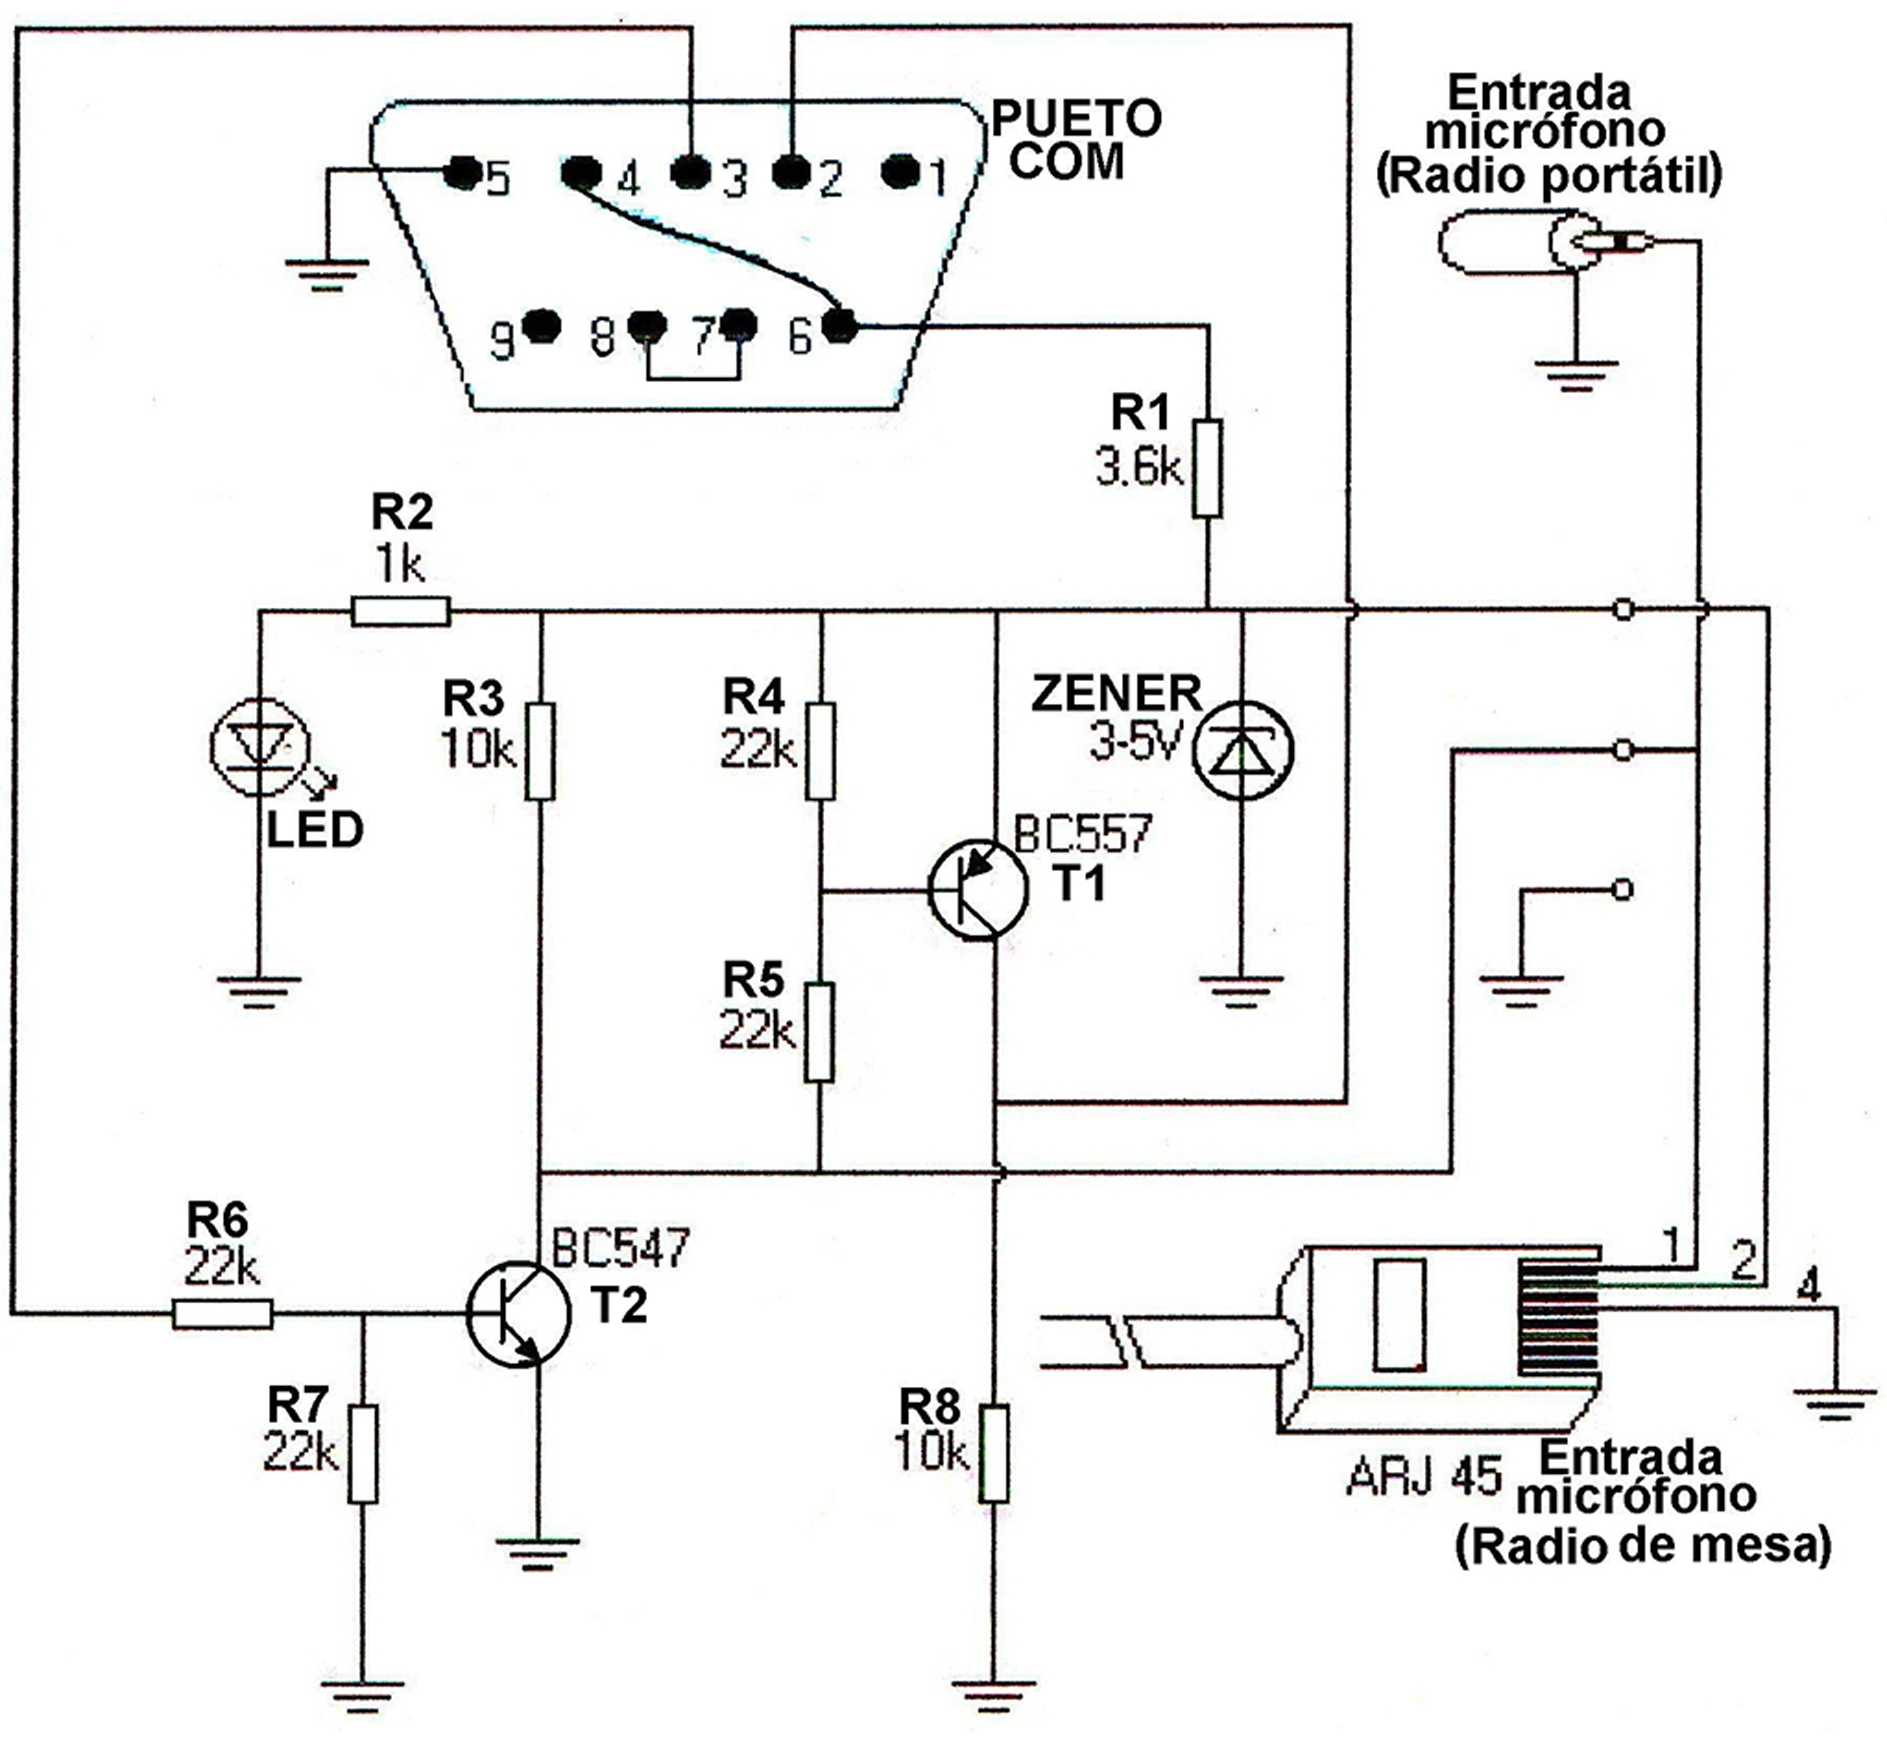 Interfaz Para Programar Radios Vertex Por El Puerto Com